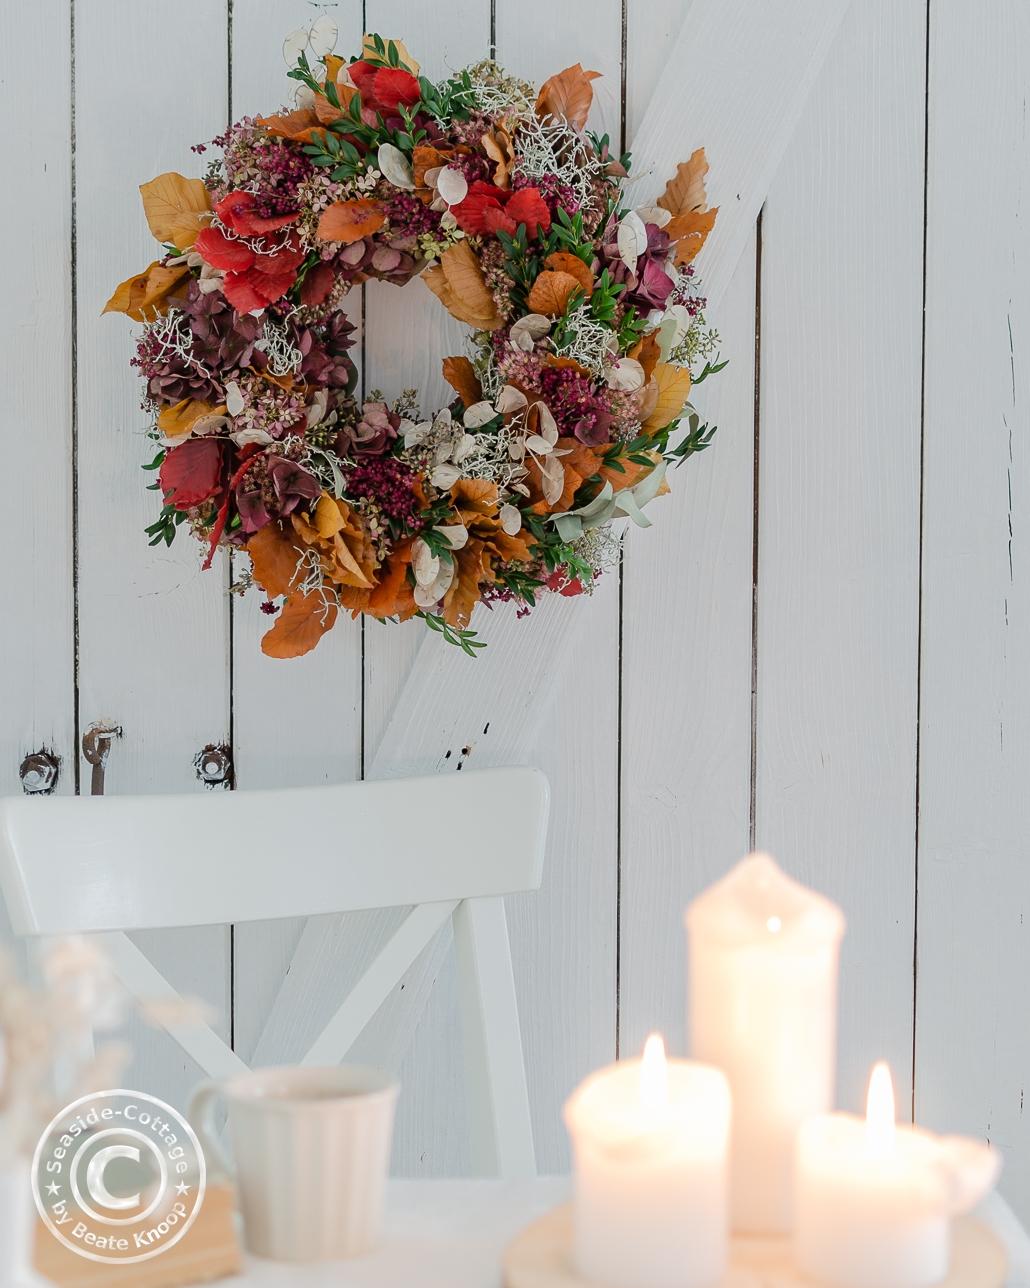 Bunte Herbstkranz in weißem Ambiente